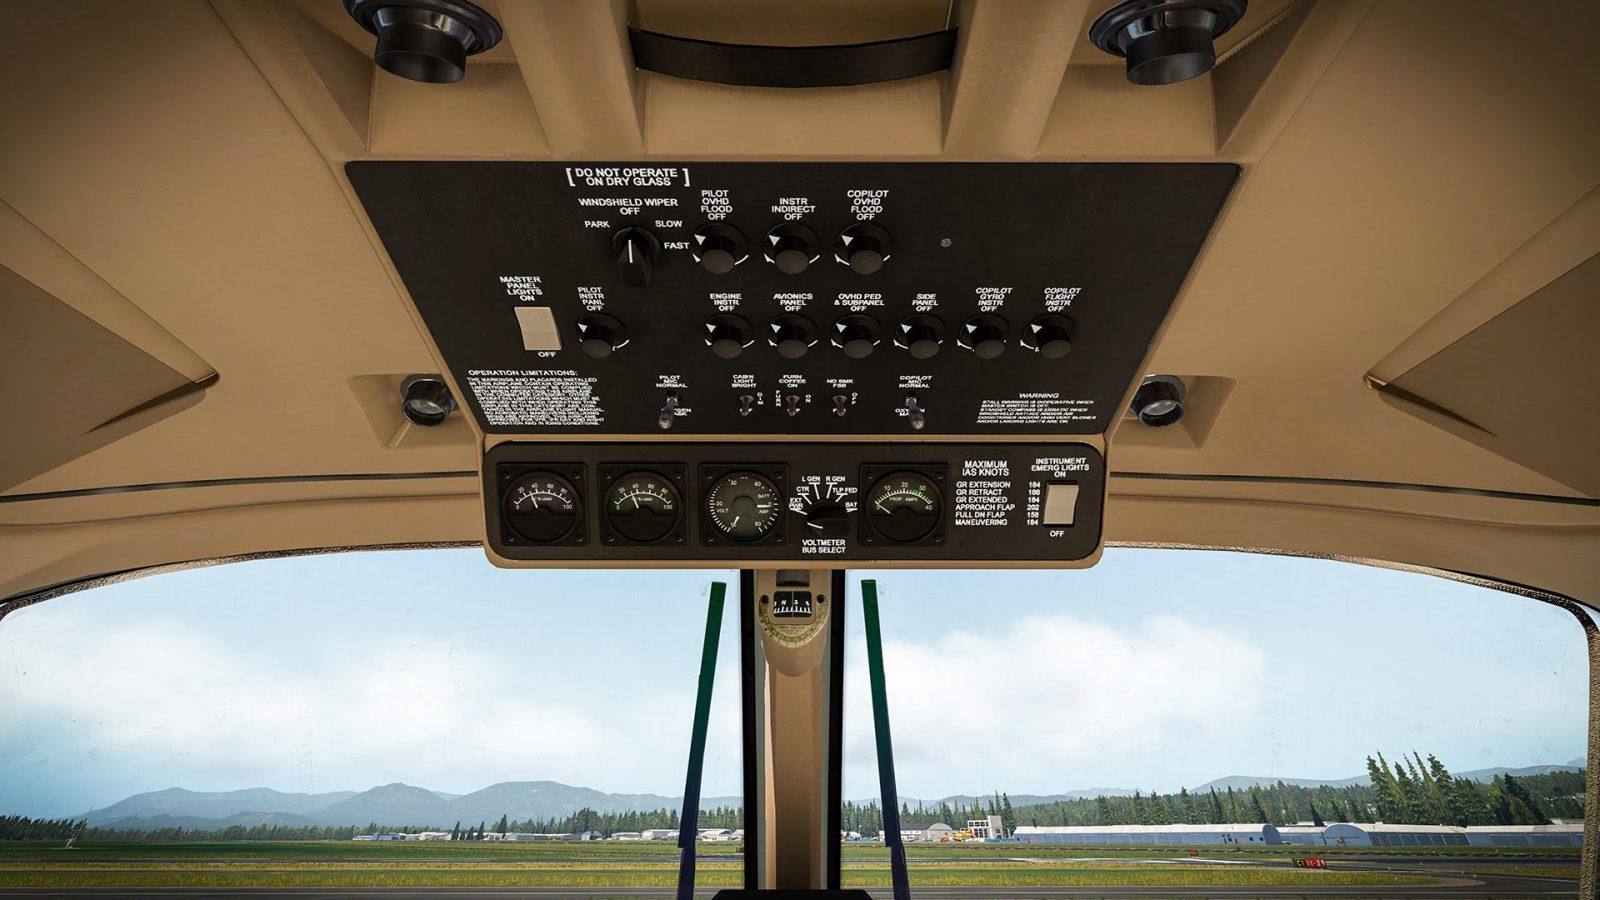 airfoillabs-king-air-350-12-1600x900.jpg